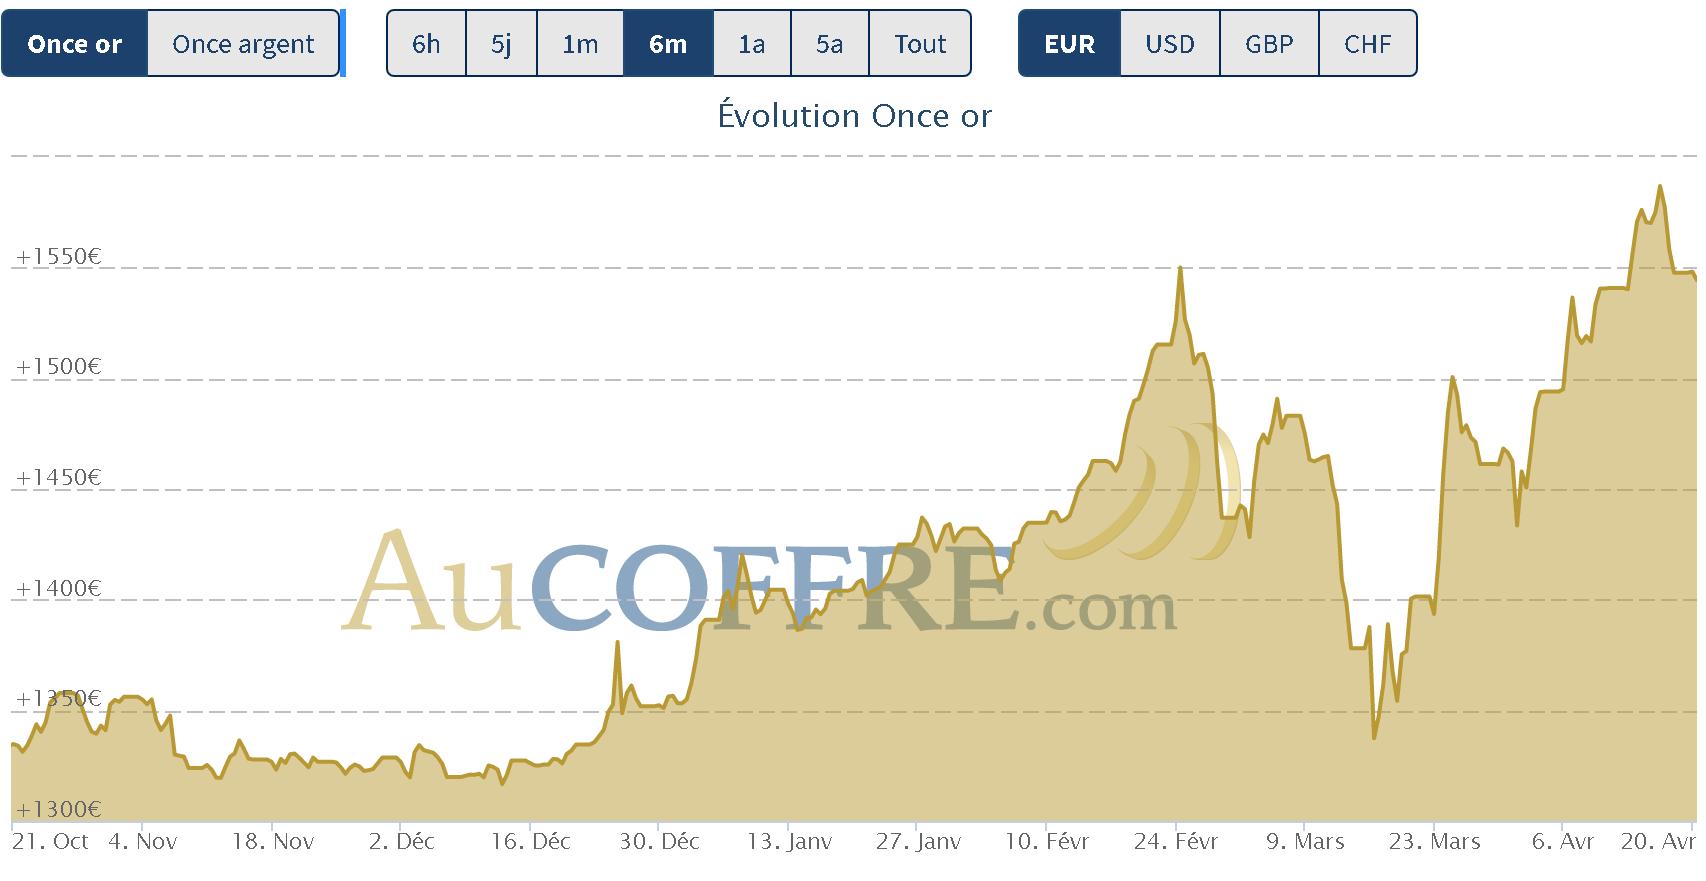 records le 16 avril pour le cours de l'or en euros